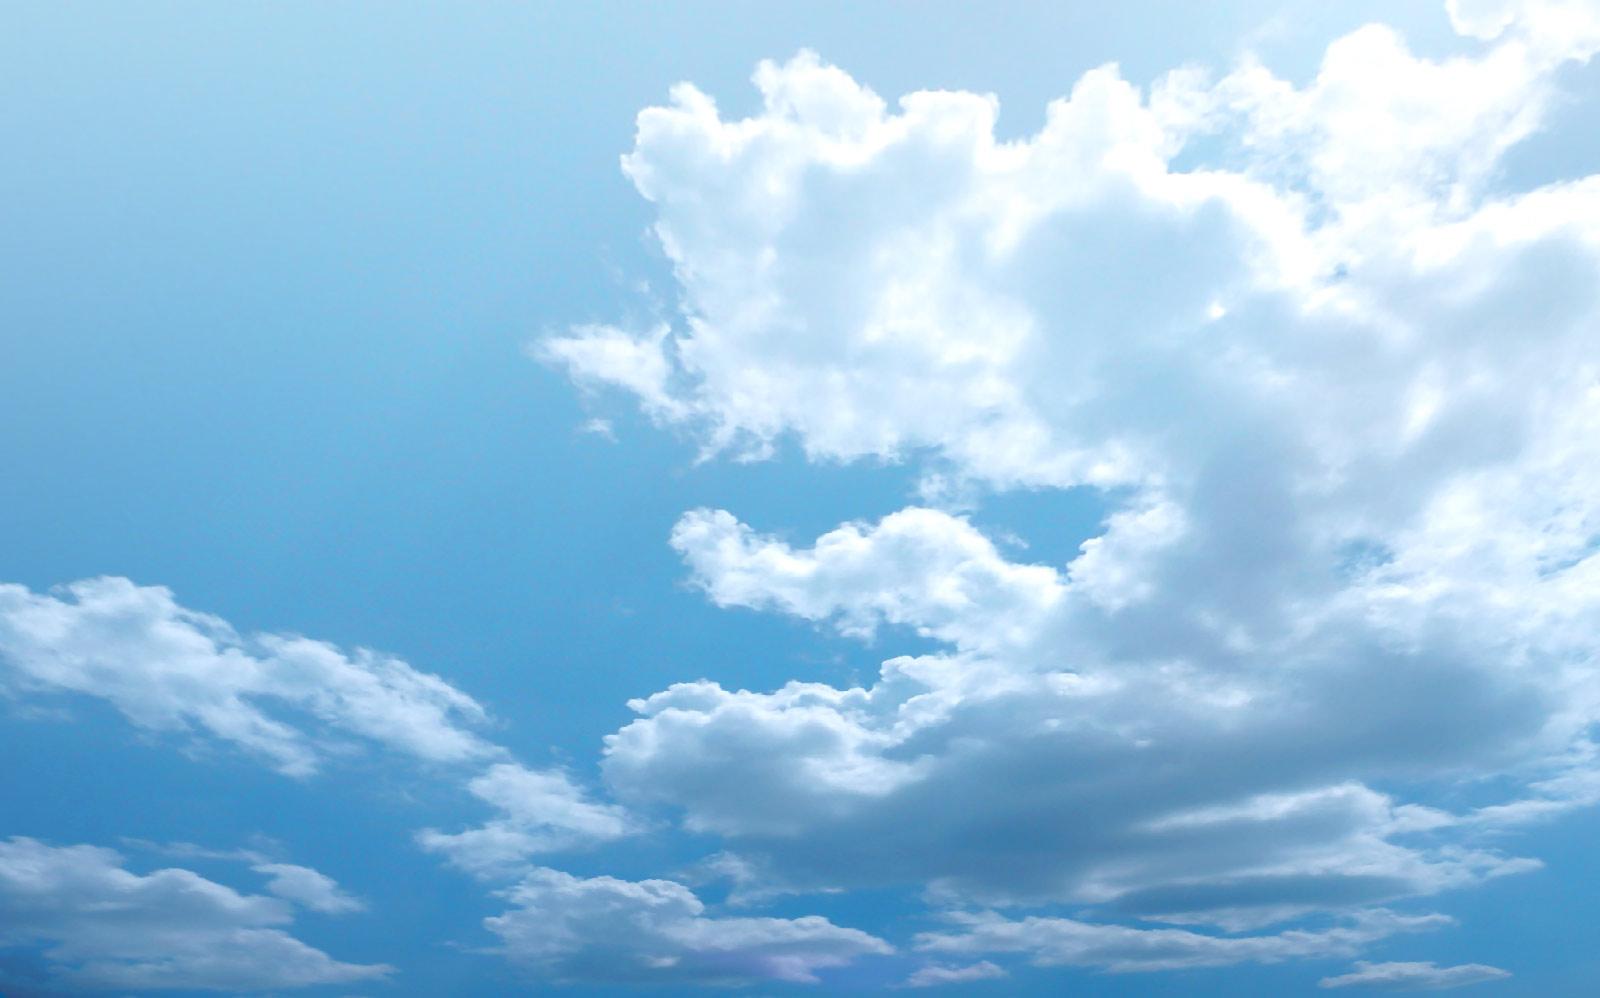 雲023 雲023 - 画像素材|ジーソザイ 雲023の画像素材を公開しています。画像素材は無料